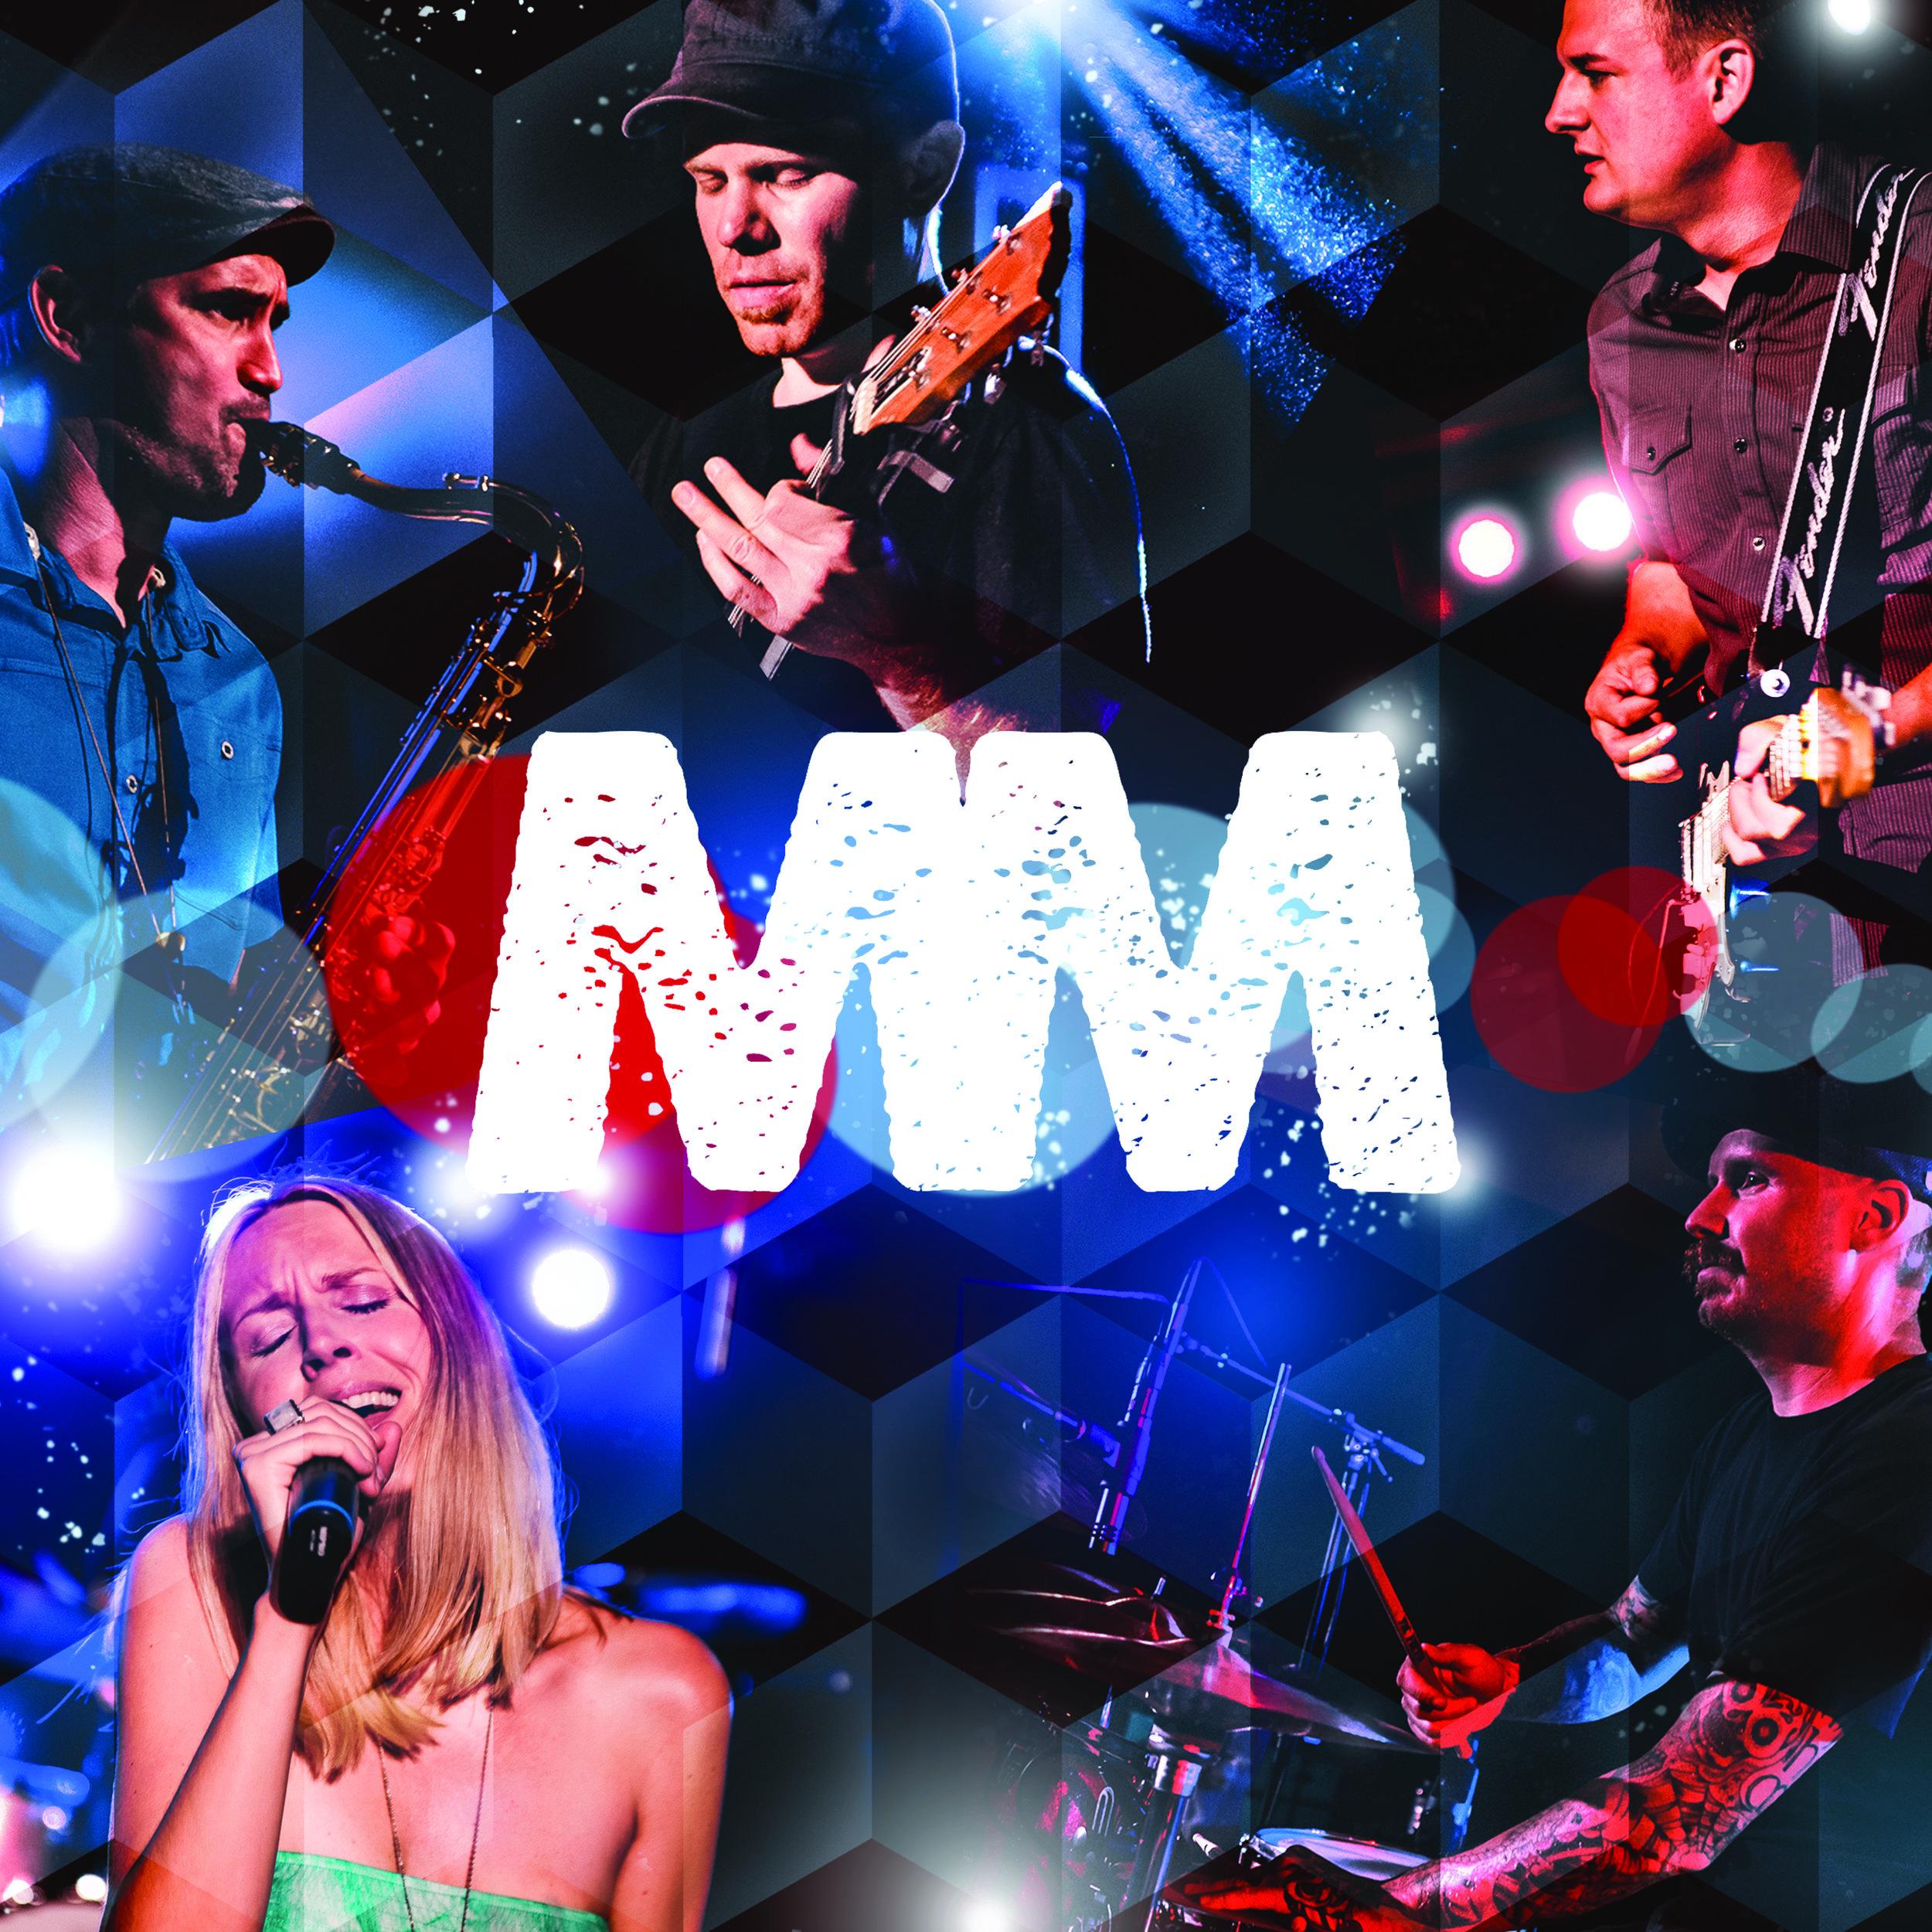 MMPoster2.jpg